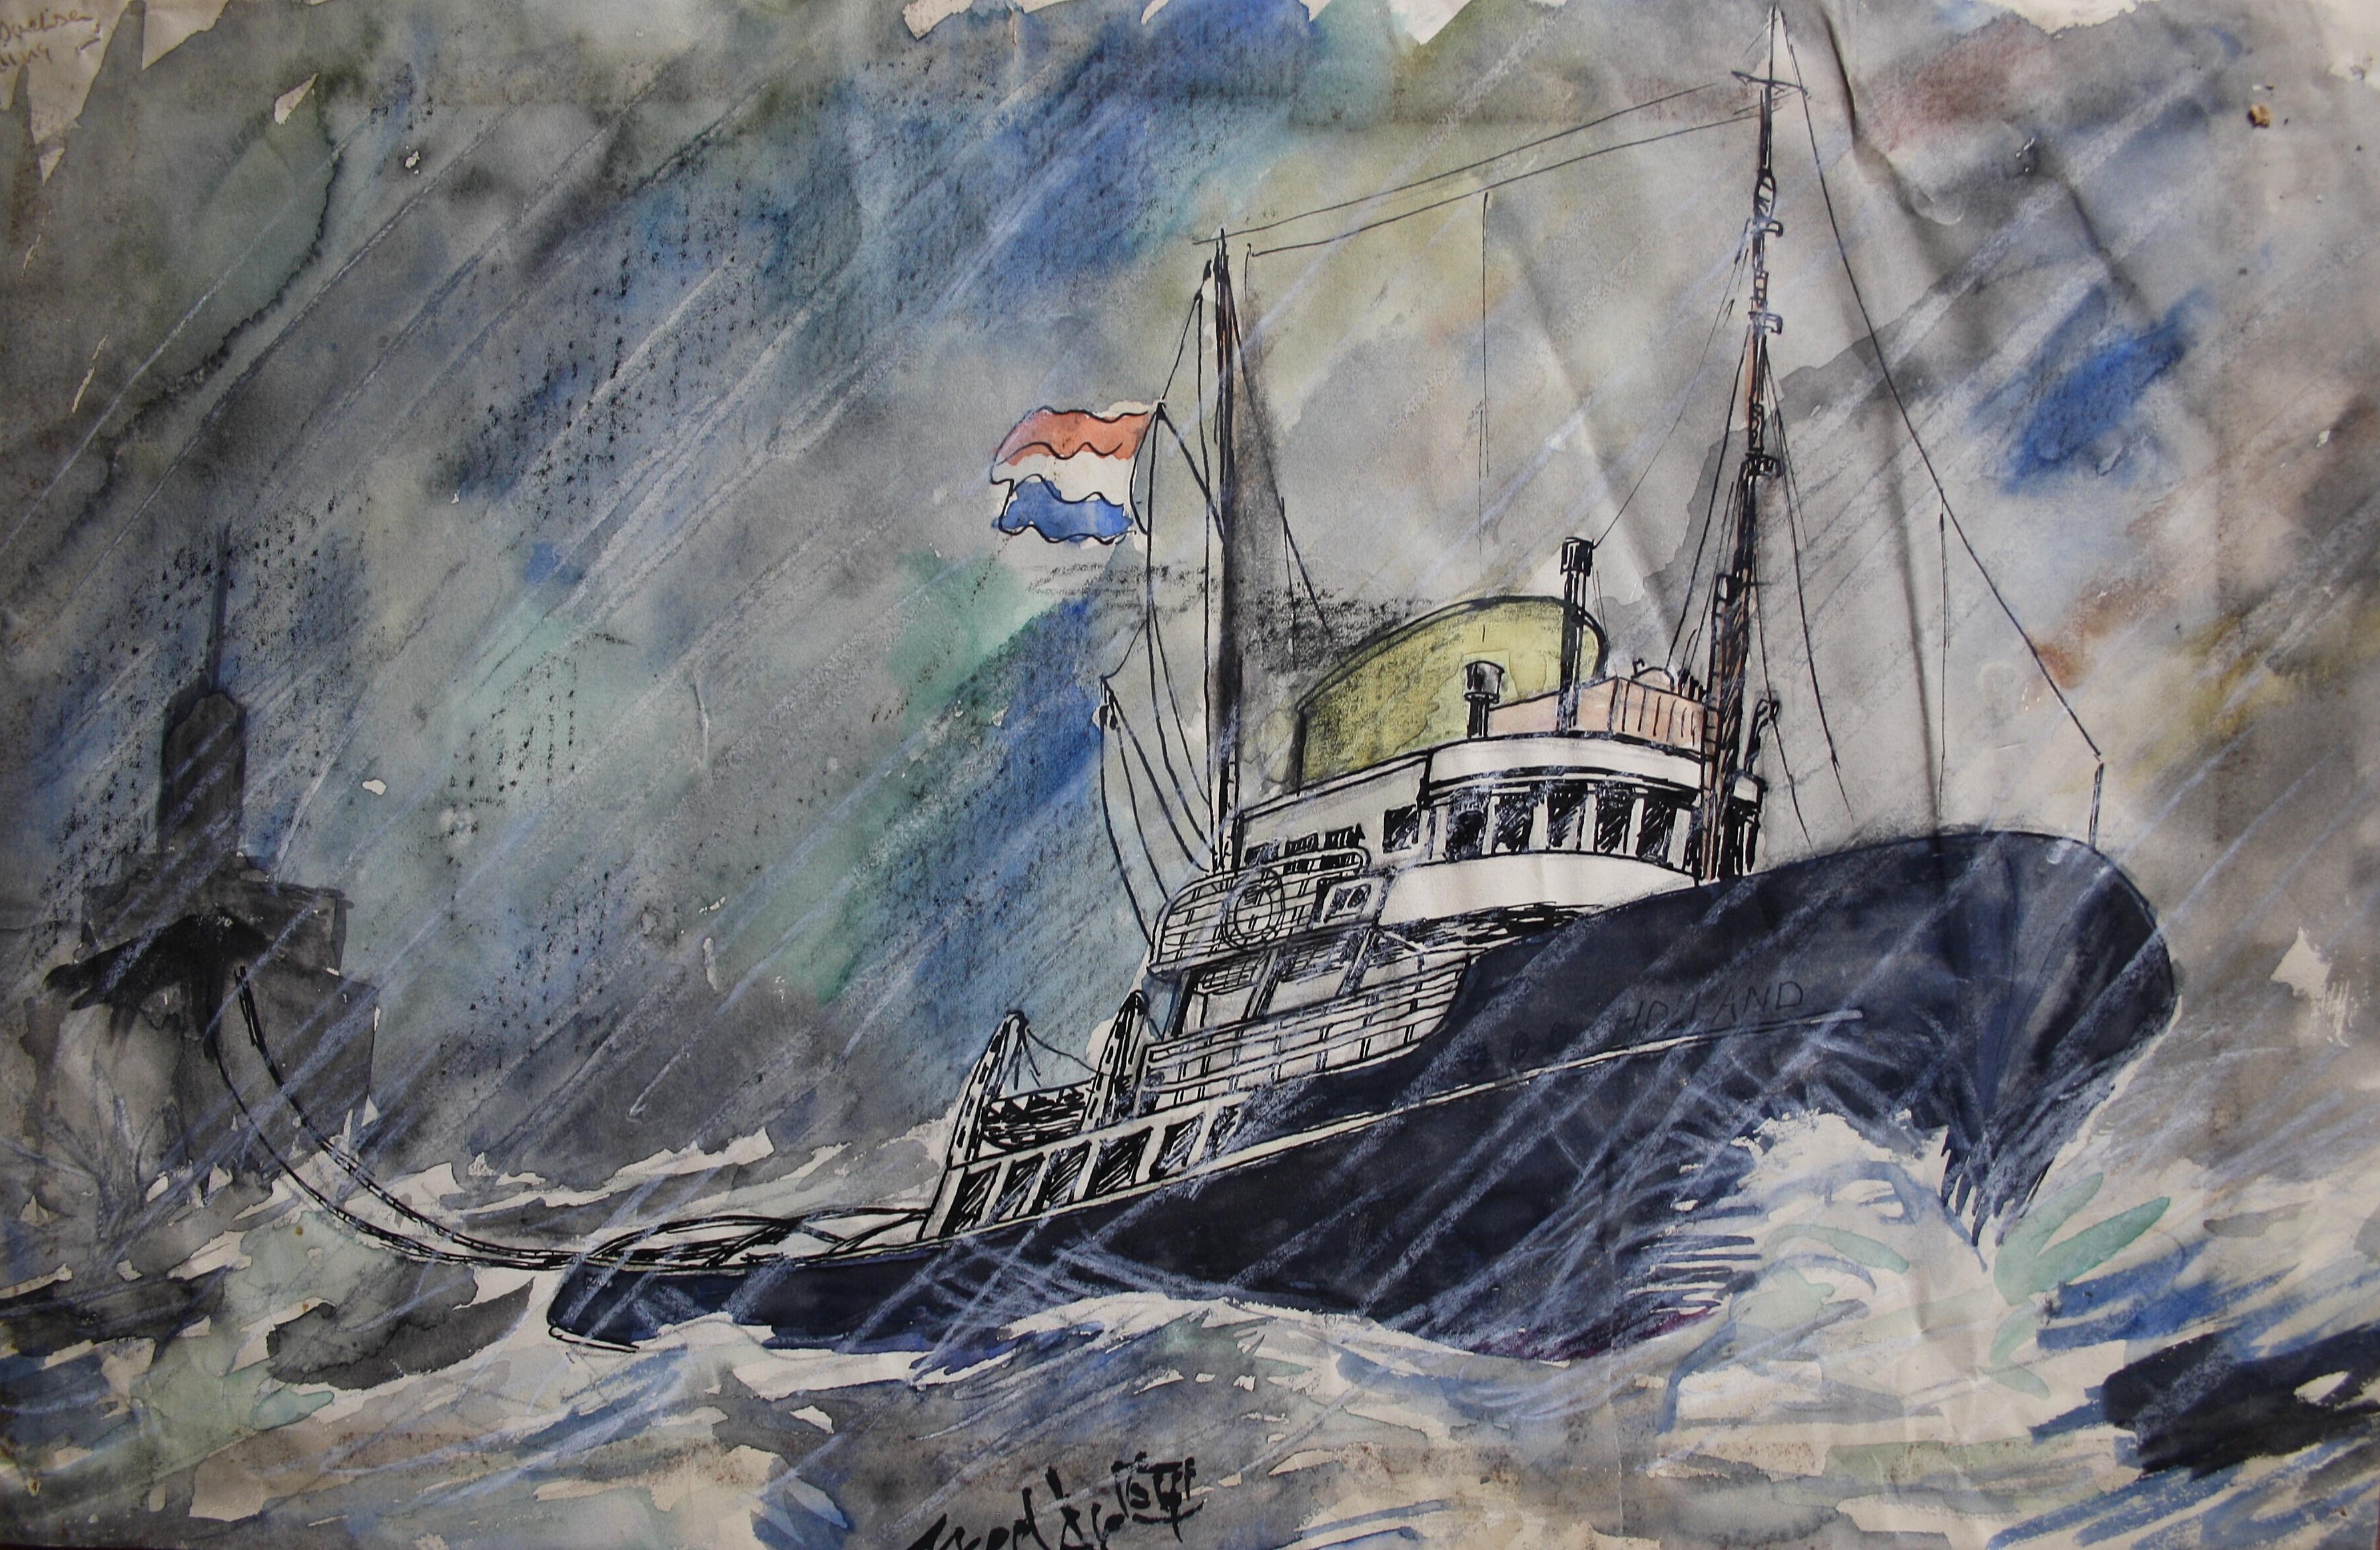 De 'Holland' van Rederij Doeksen